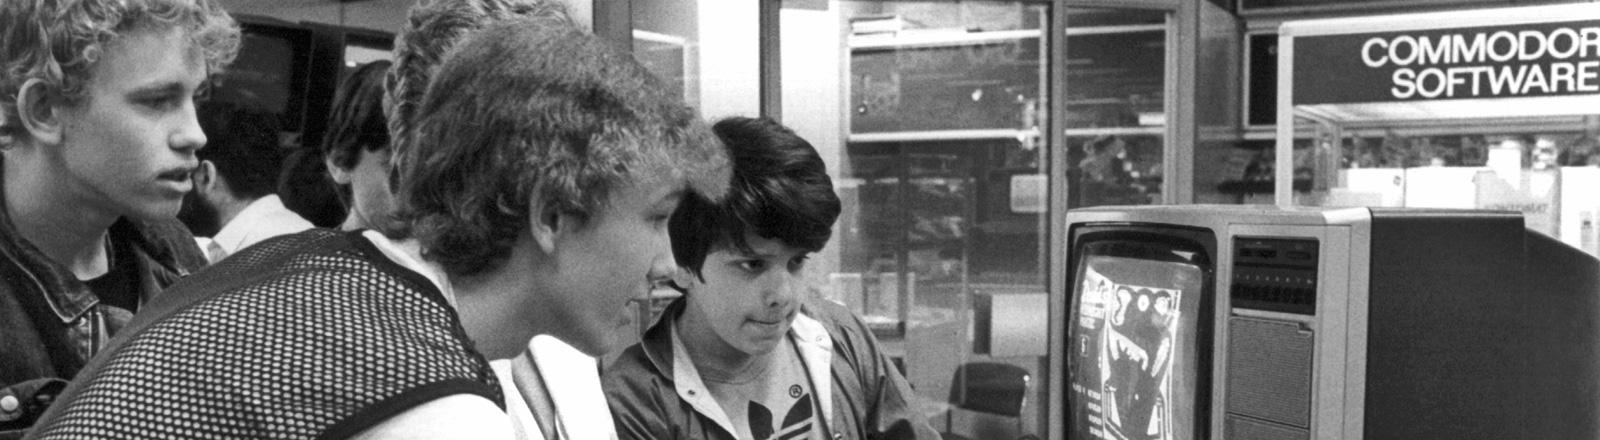 Schwarz-Weiß-Foto. Vier Jungen blicken konzentriert auf einen Röhrenfernseher. Szene in einem Kaufhaus 1984; Bild: dpa